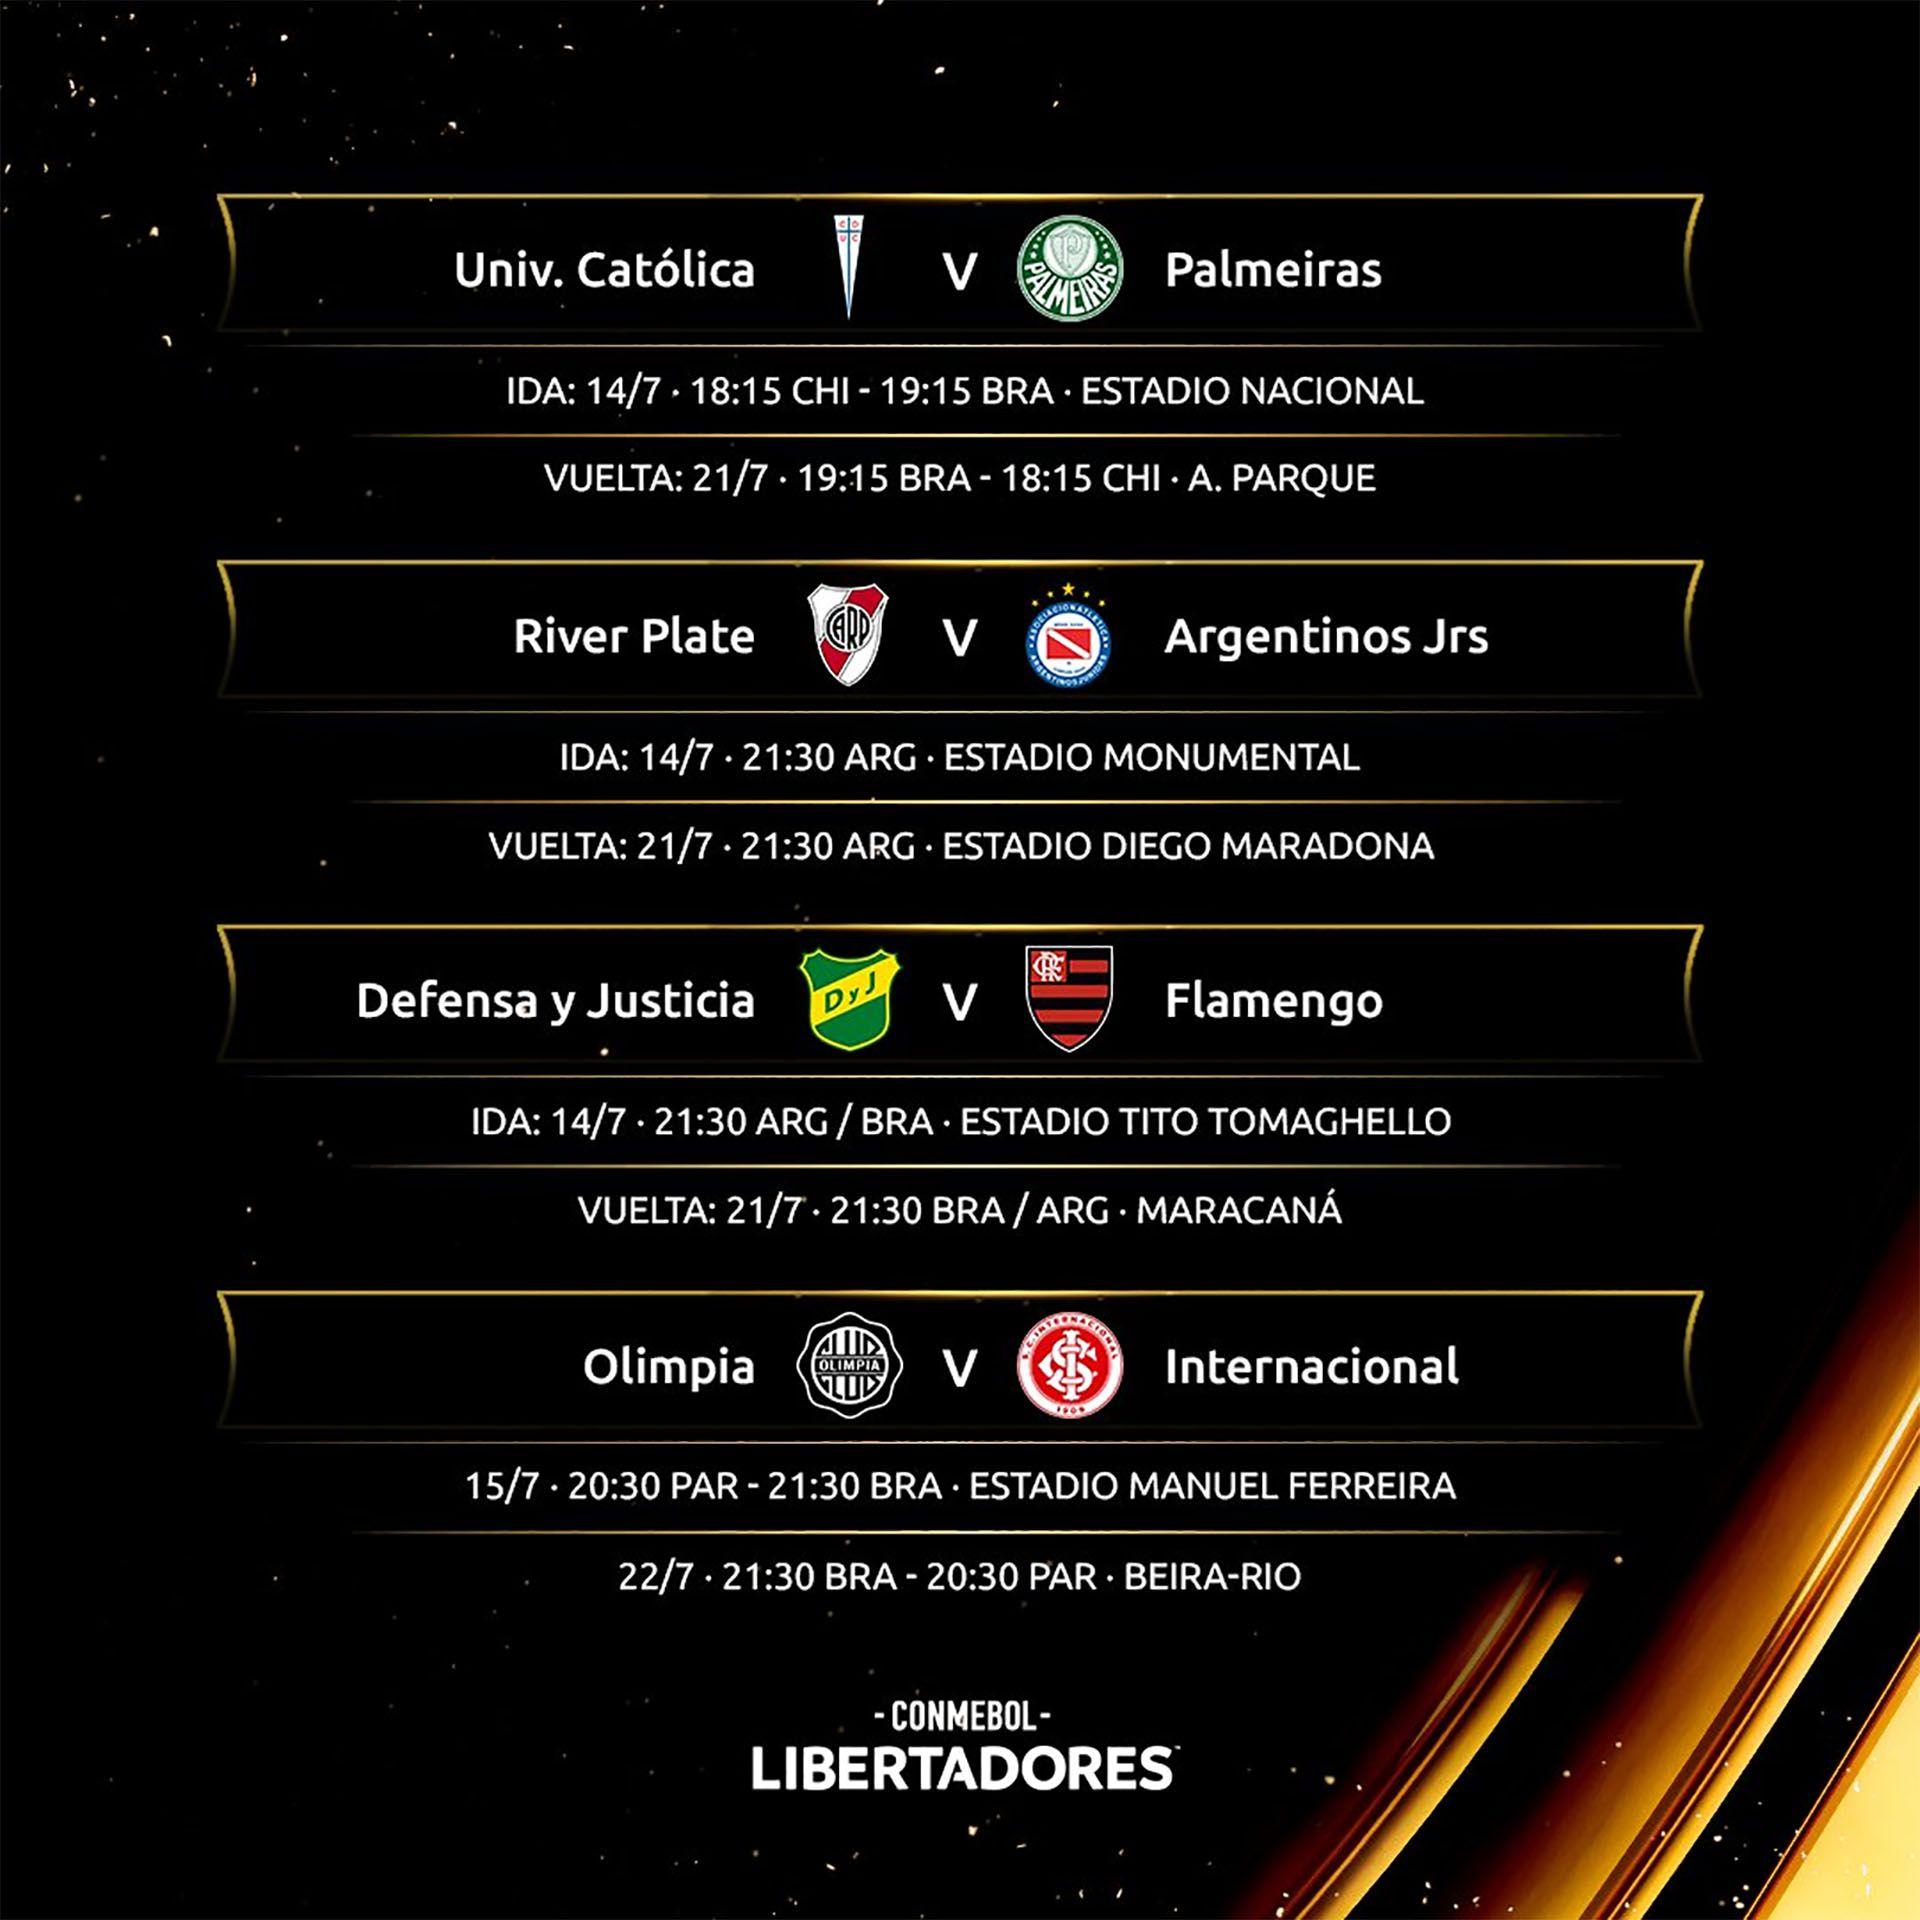 Copa Libertadores fixture